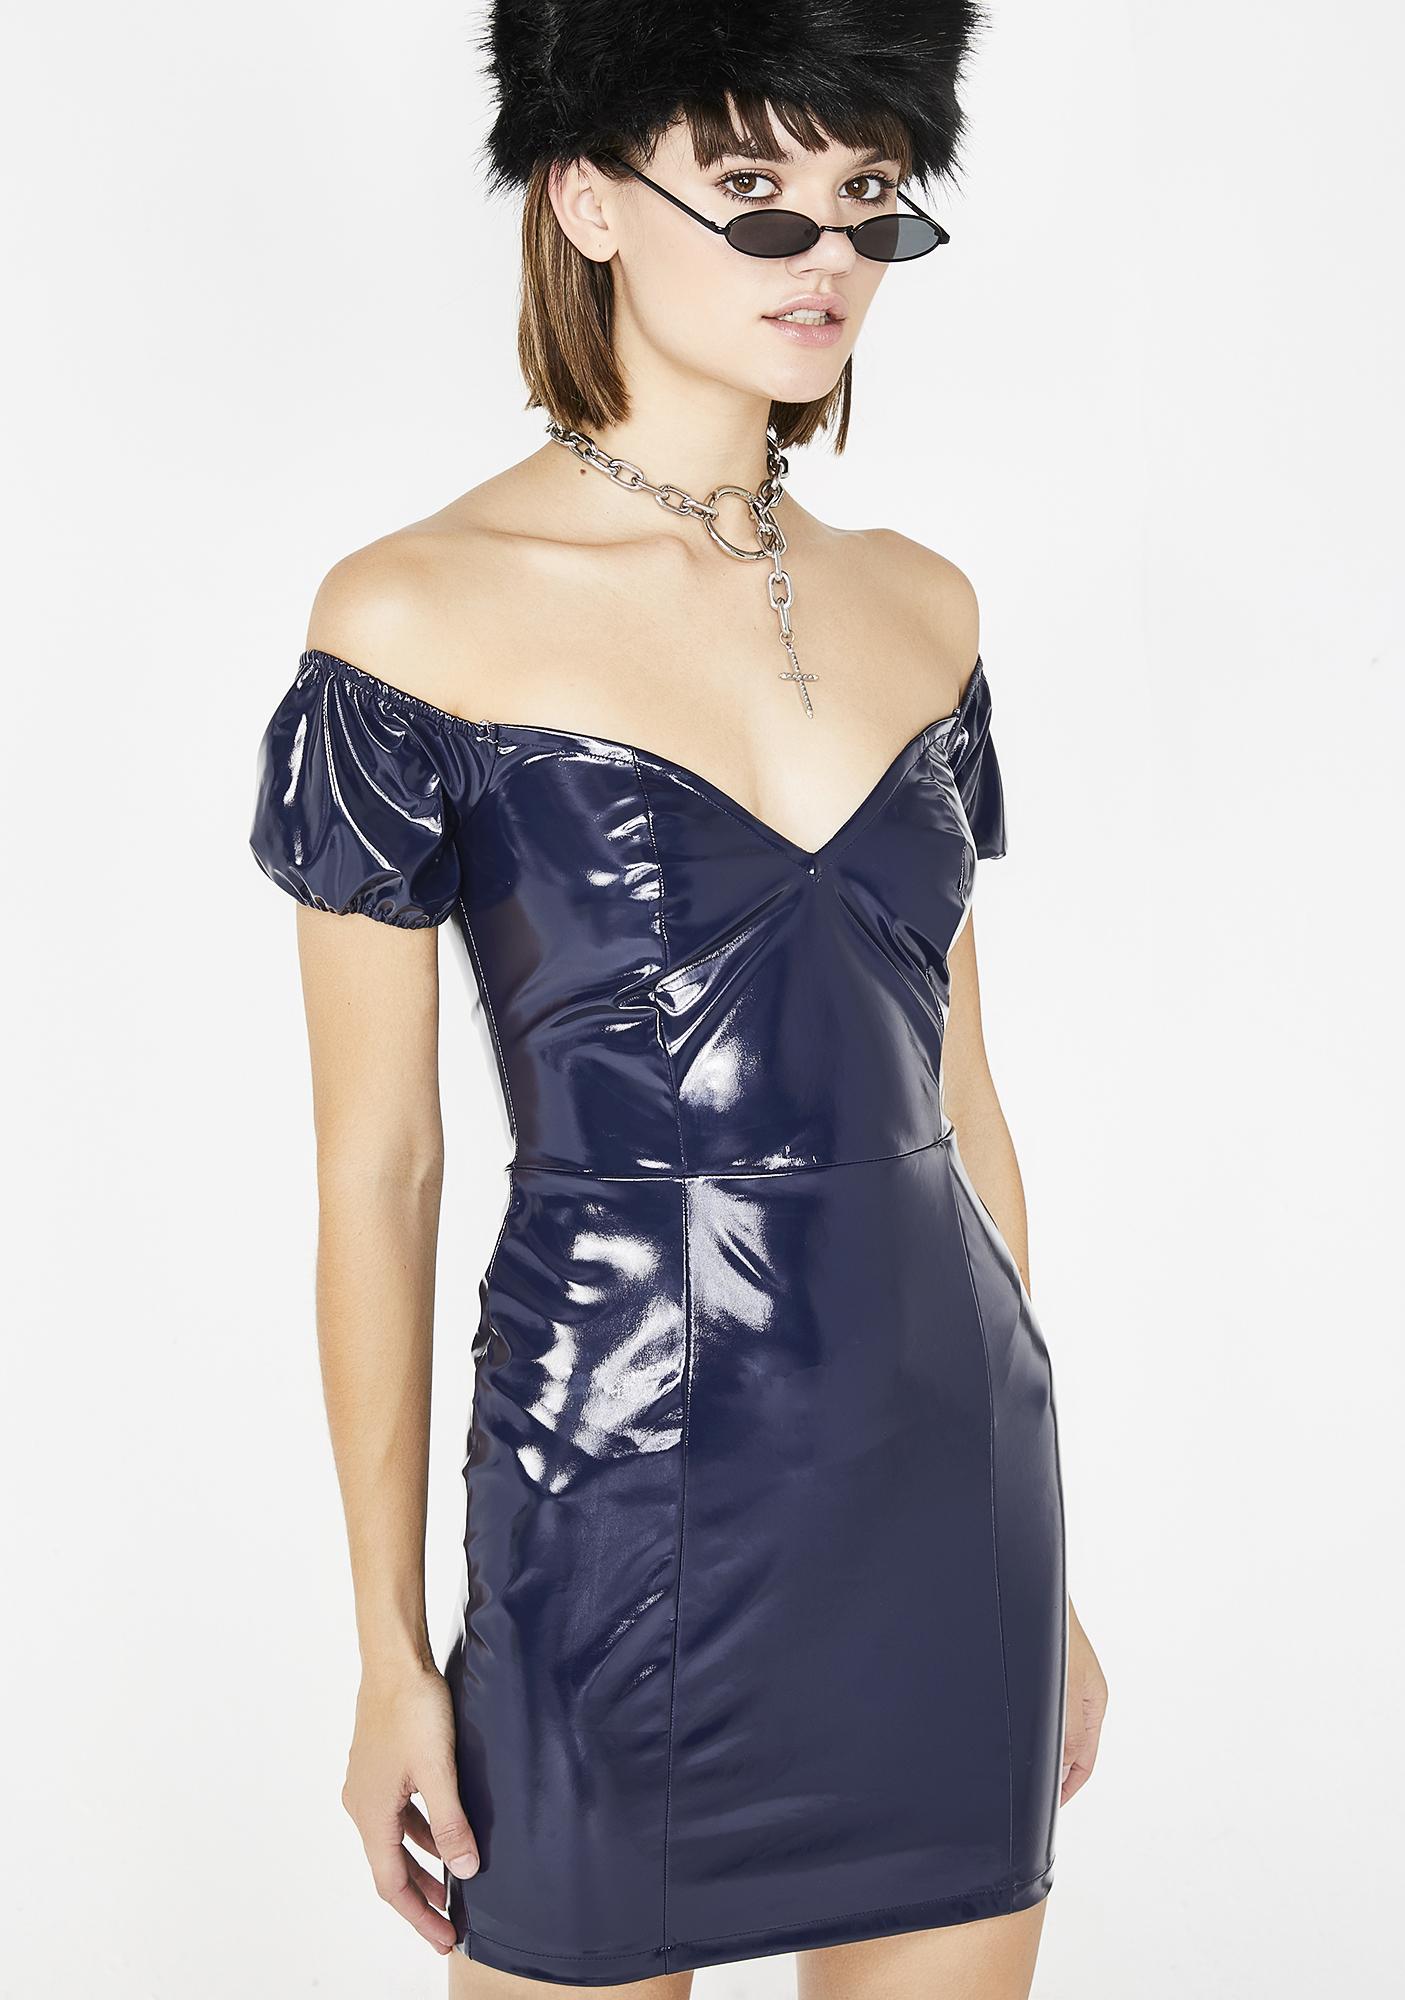 Fine China PVC Dress